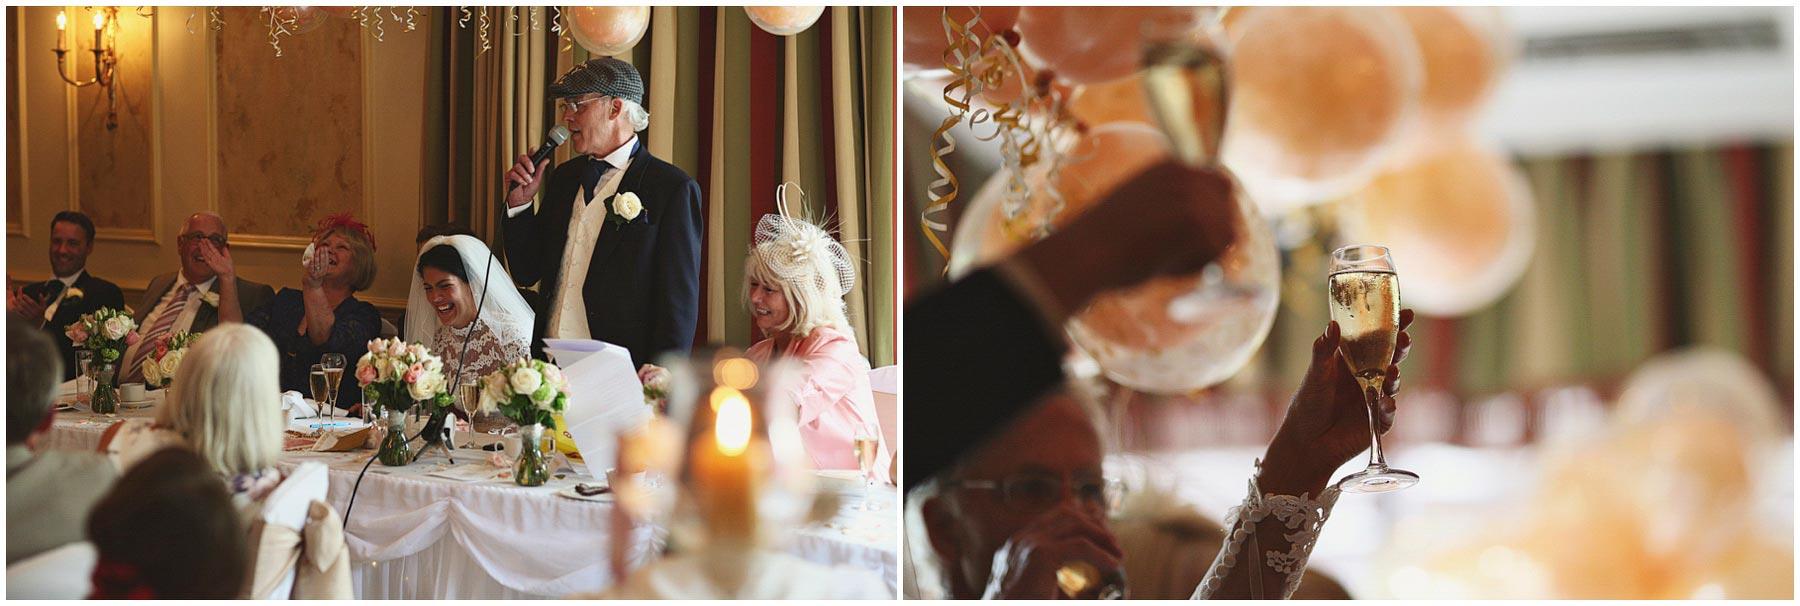 Wentbridge-House-Wedding-Photography-109